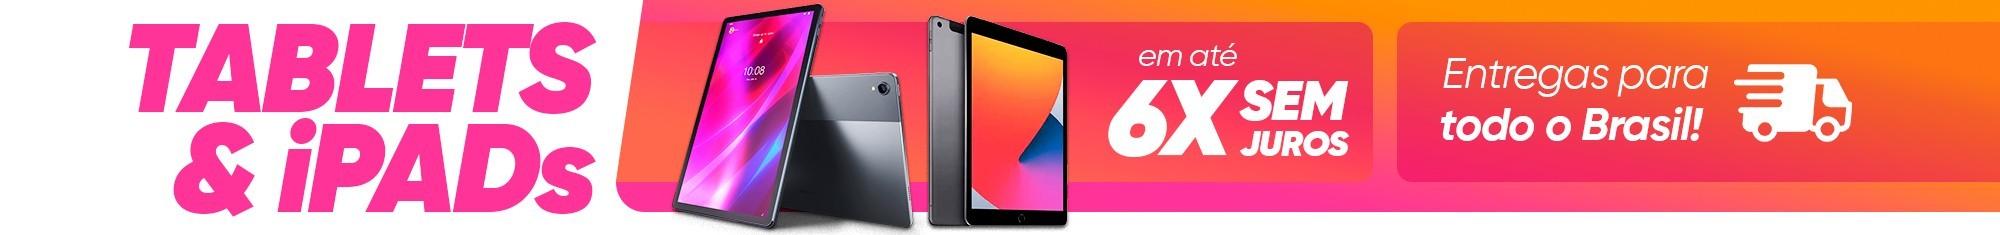 Tablet Recertificado em Promoção